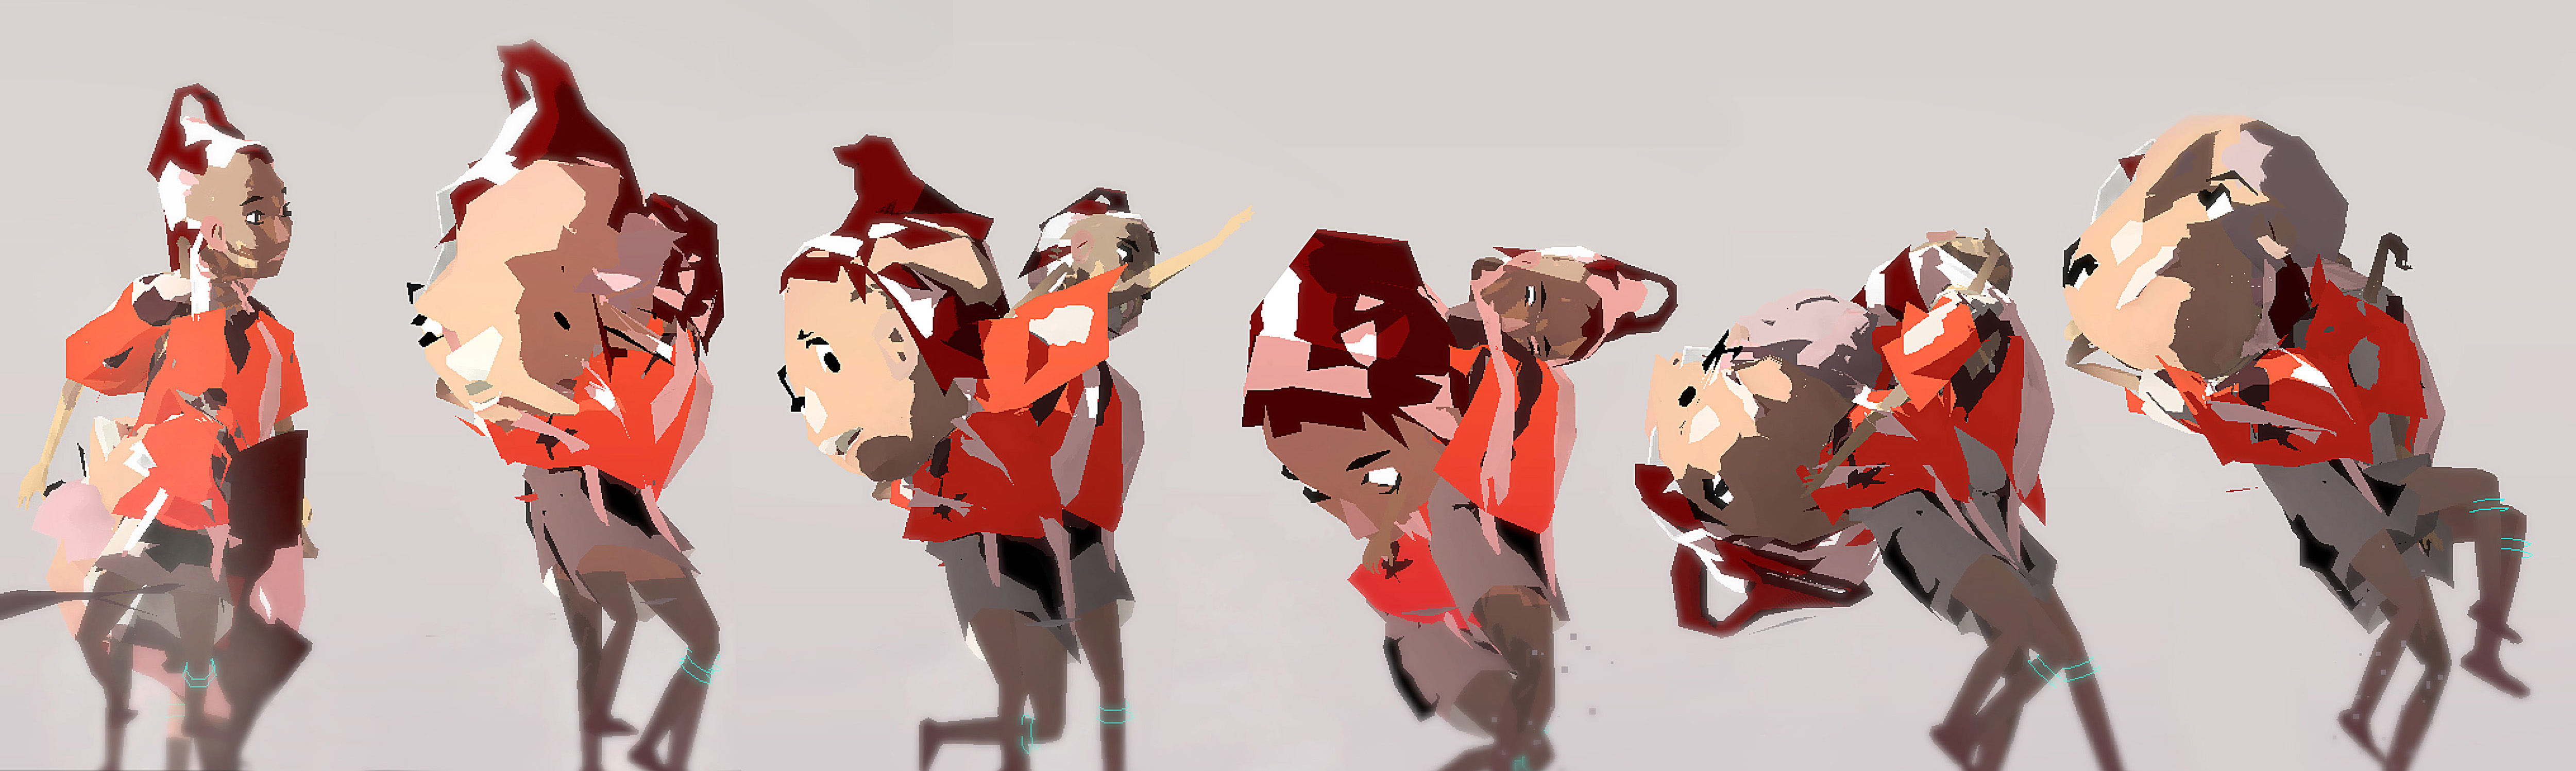 Still from animated film